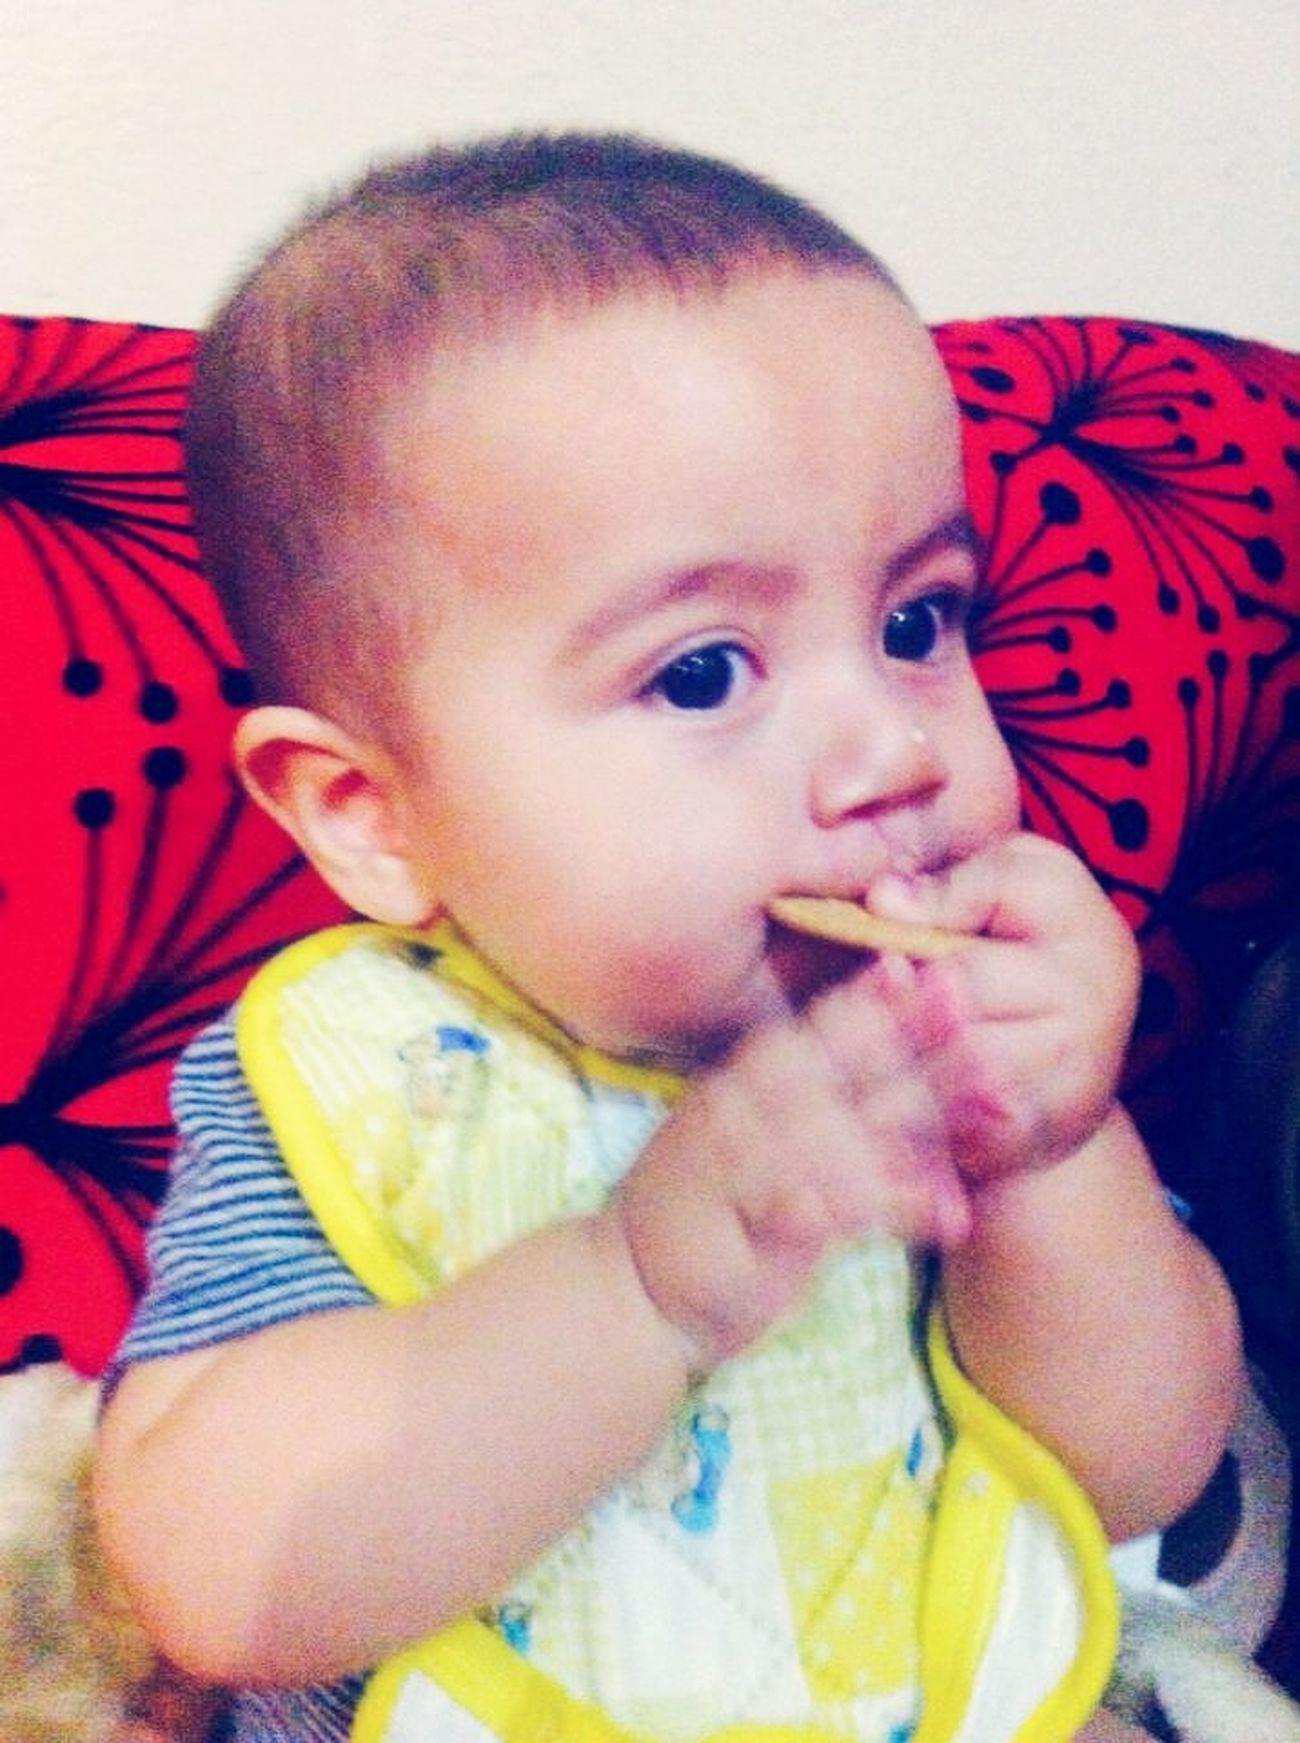 Mi gordo cada vez más grande!! Lo Amo Gordito - ILoveYou.♡ My Son :) Mybigboy